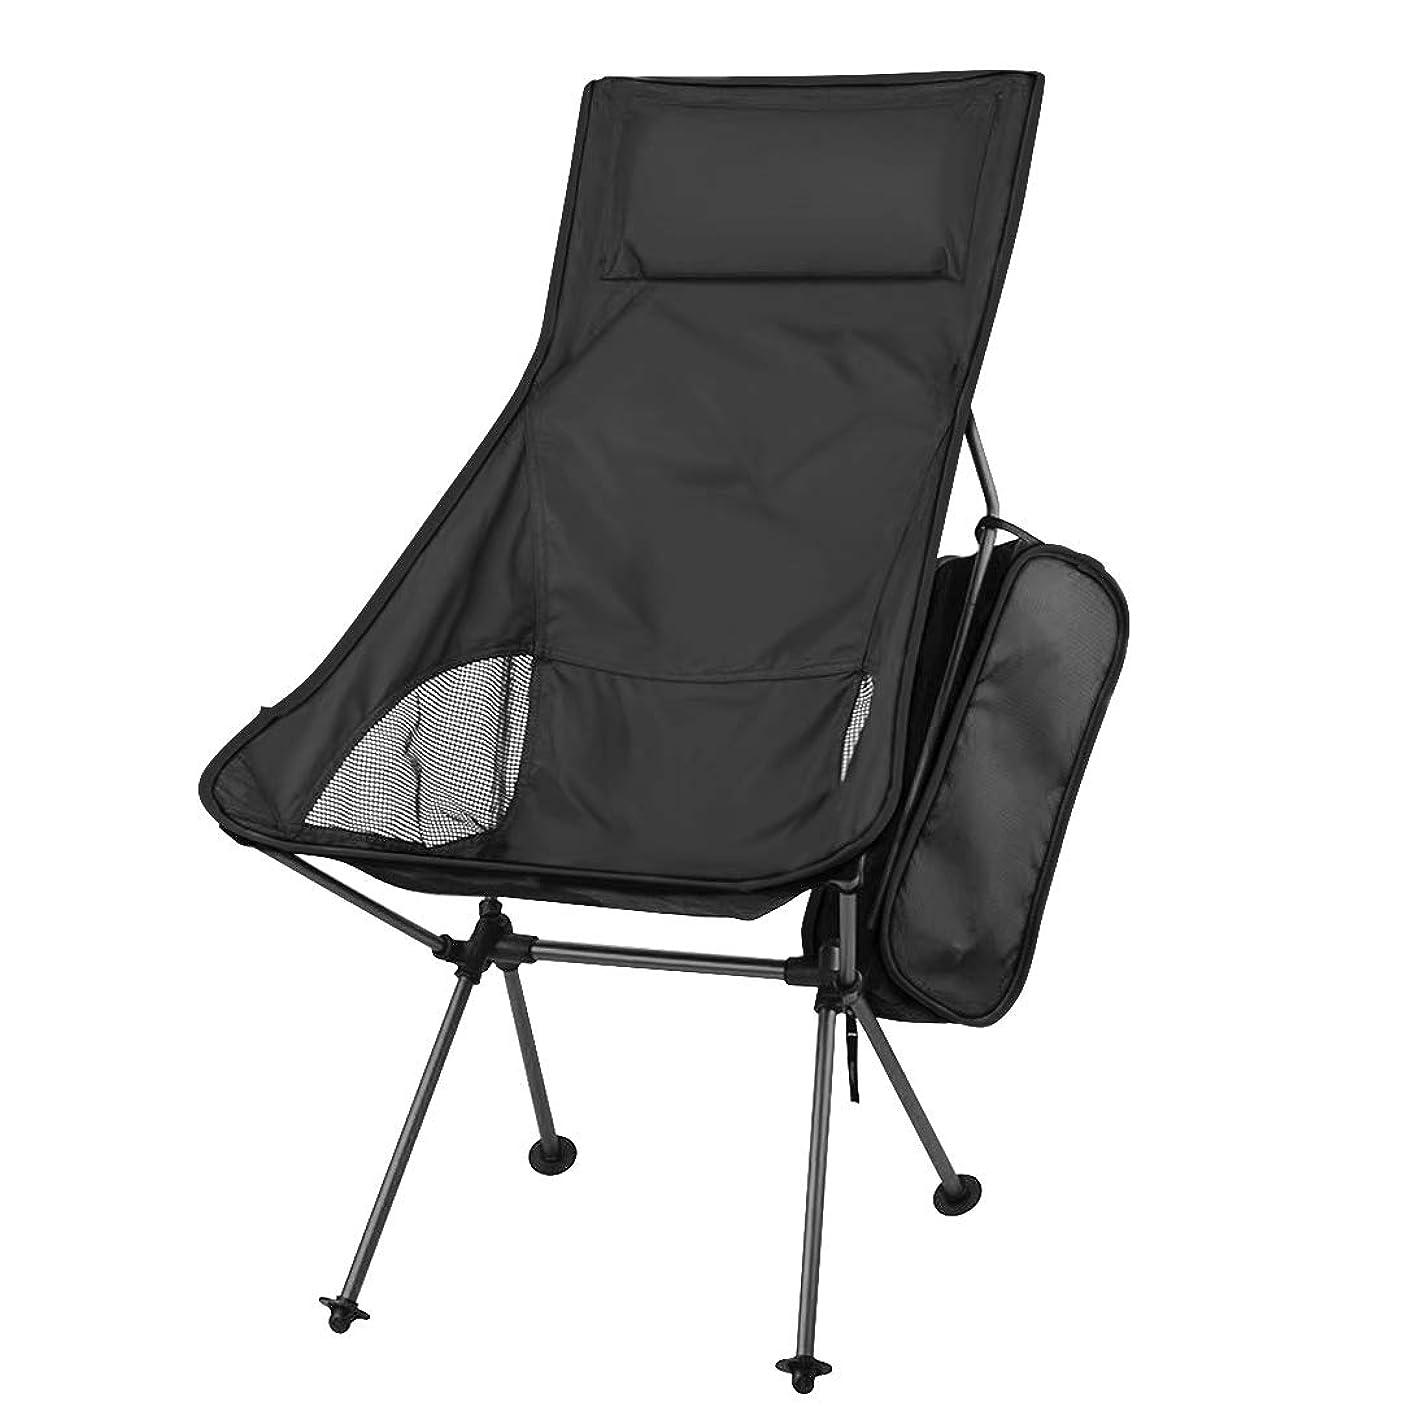 不潔ステレオ側溝IREGRO アウトドアチェア キャンプ用品 アウトドア椅子 折りたたみ コンパクト チェア?お釣り 登山 キャンプ用 アルミ合金 軽量 収納バッグ付き